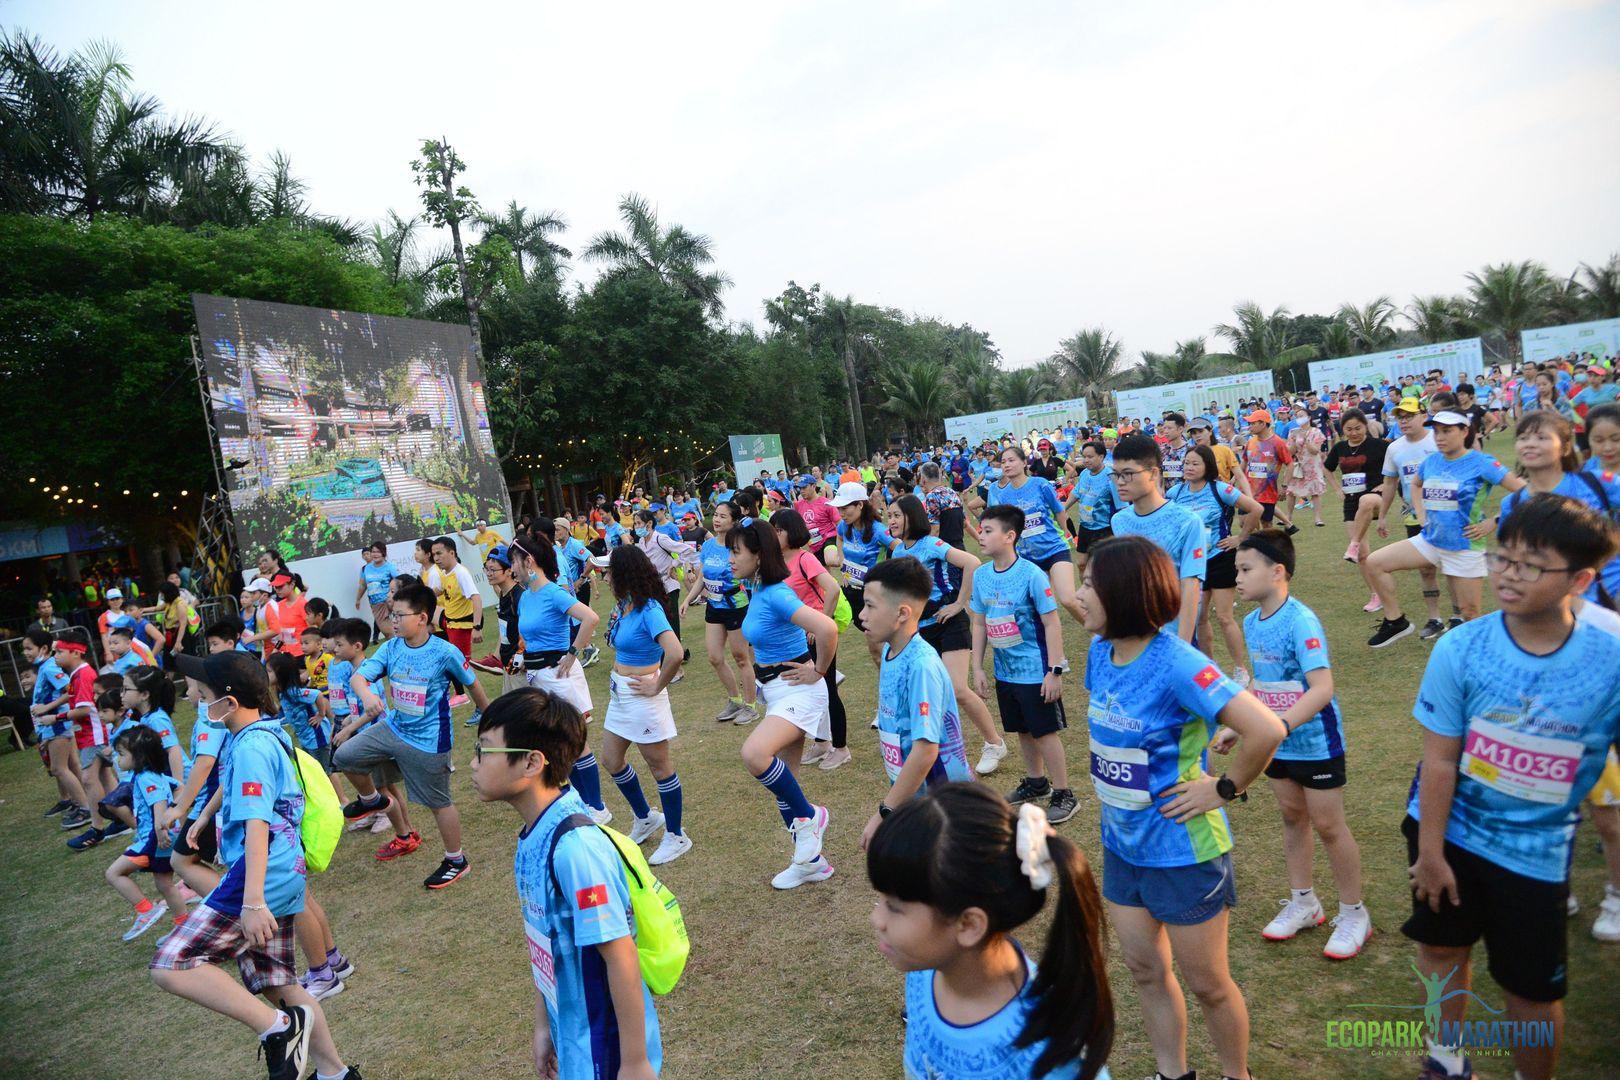 Những chân chạy nhí ở Ecopark Marathon 2021 - Ảnh 1.